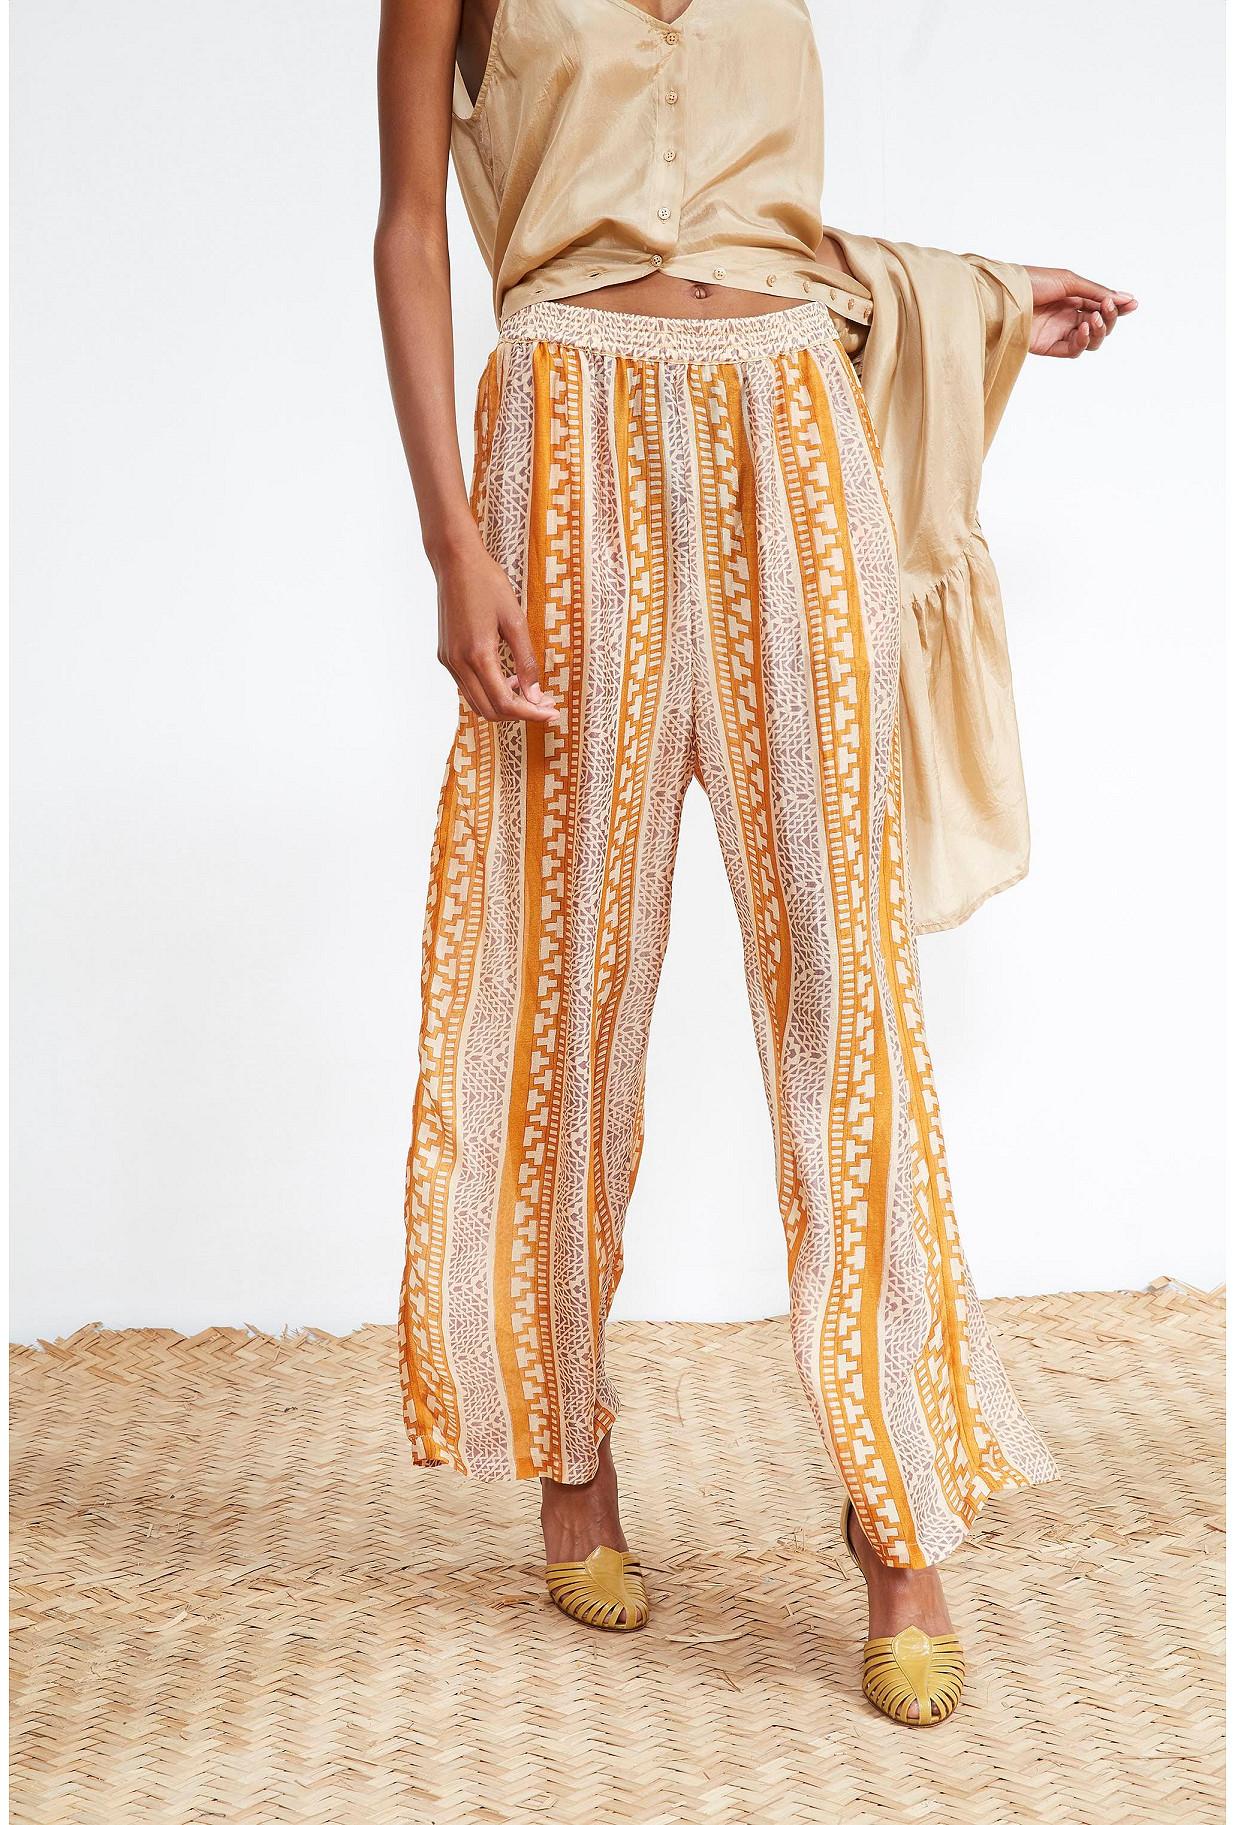 boutique de pantalon femme sudaan mode createur paris. Black Bedroom Furniture Sets. Home Design Ideas